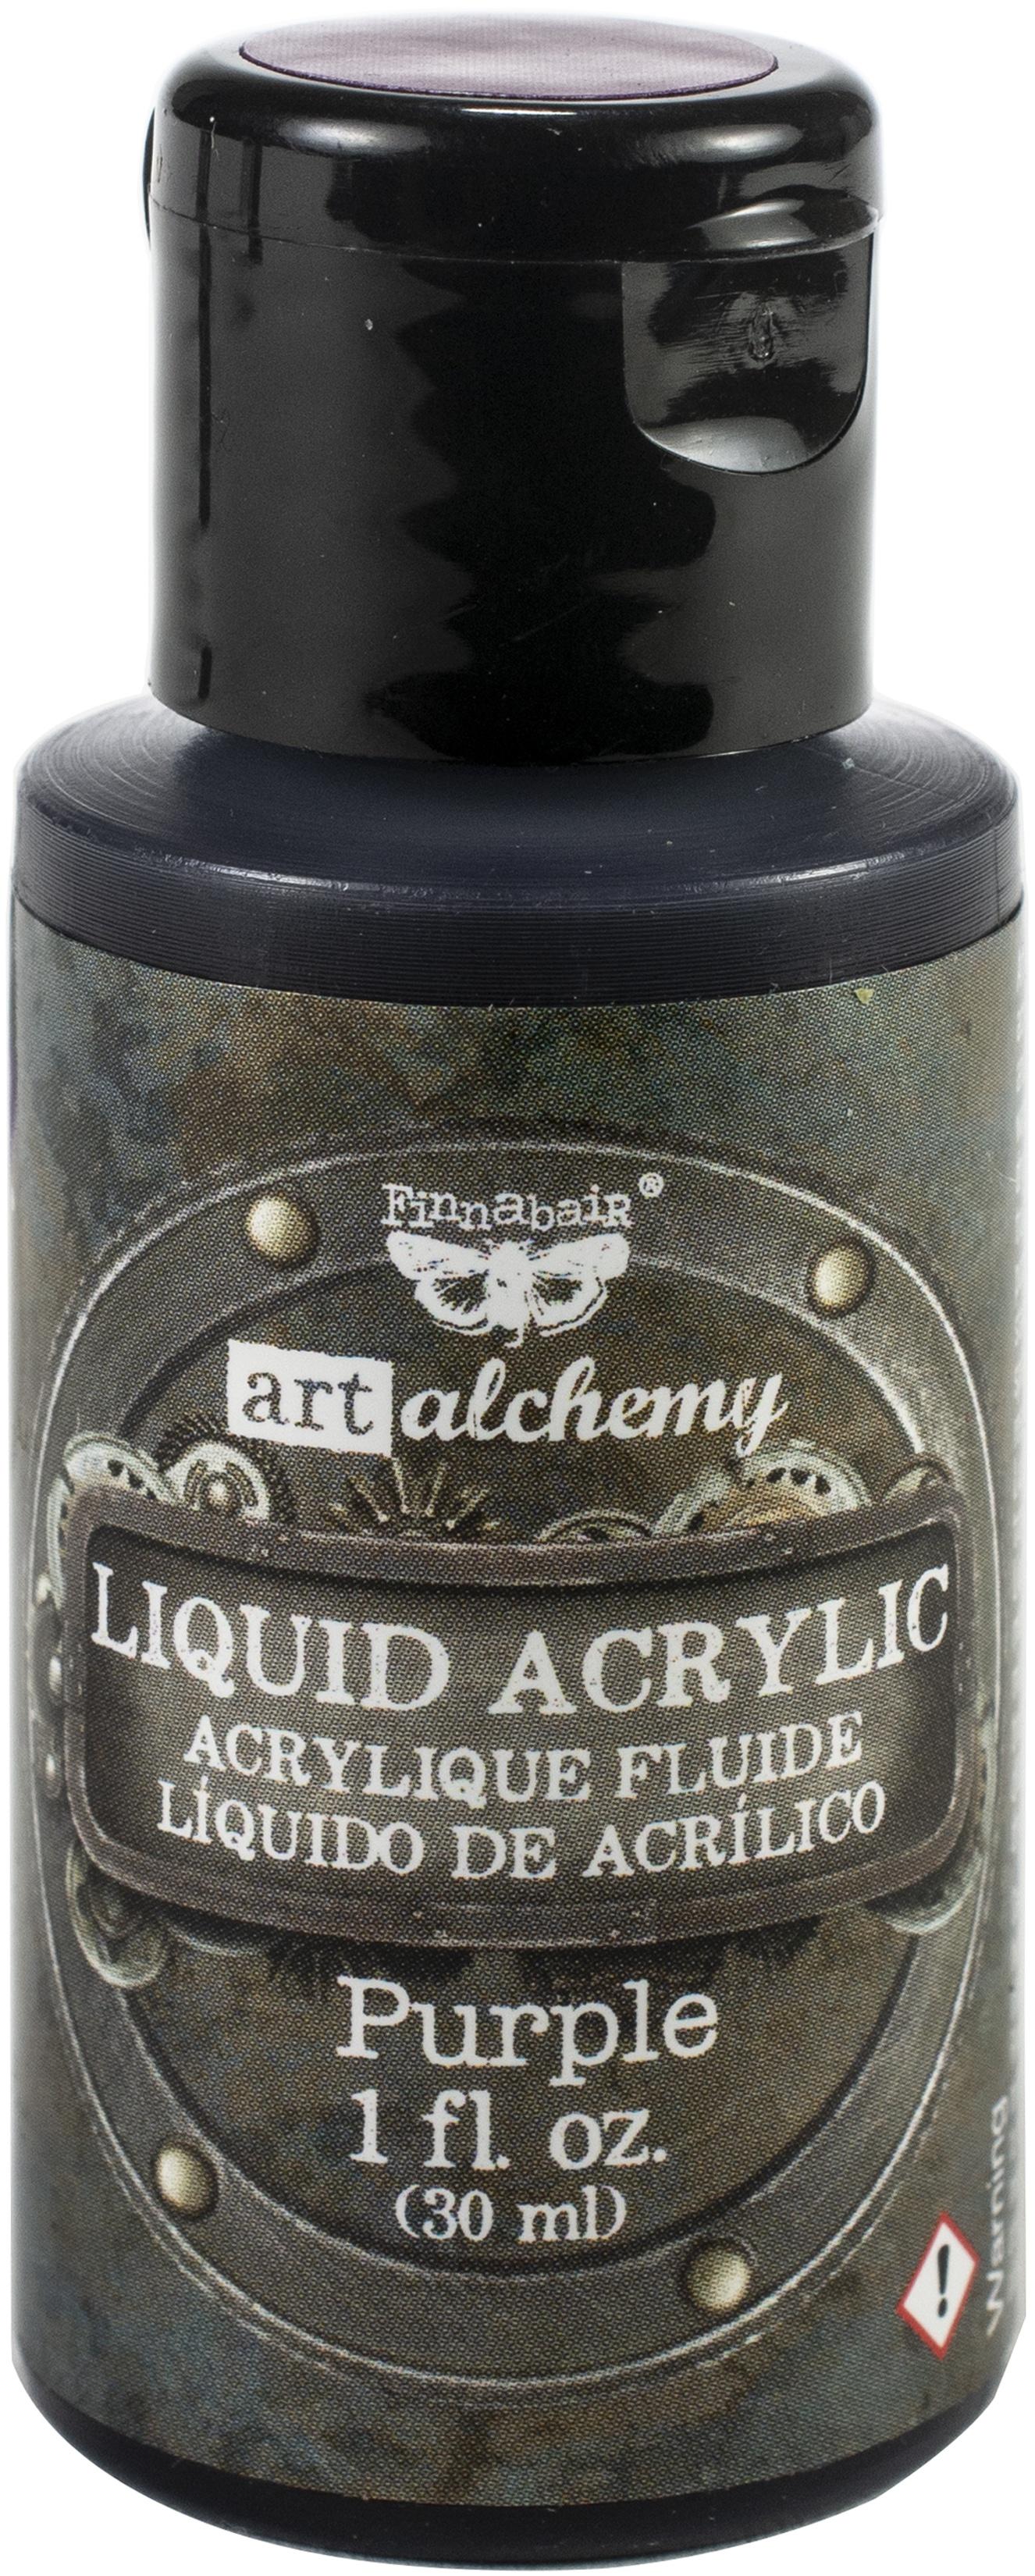 Finnabair Art Alchemy Liquid Acrylic Paint 1 Fluid Ounce-Purple